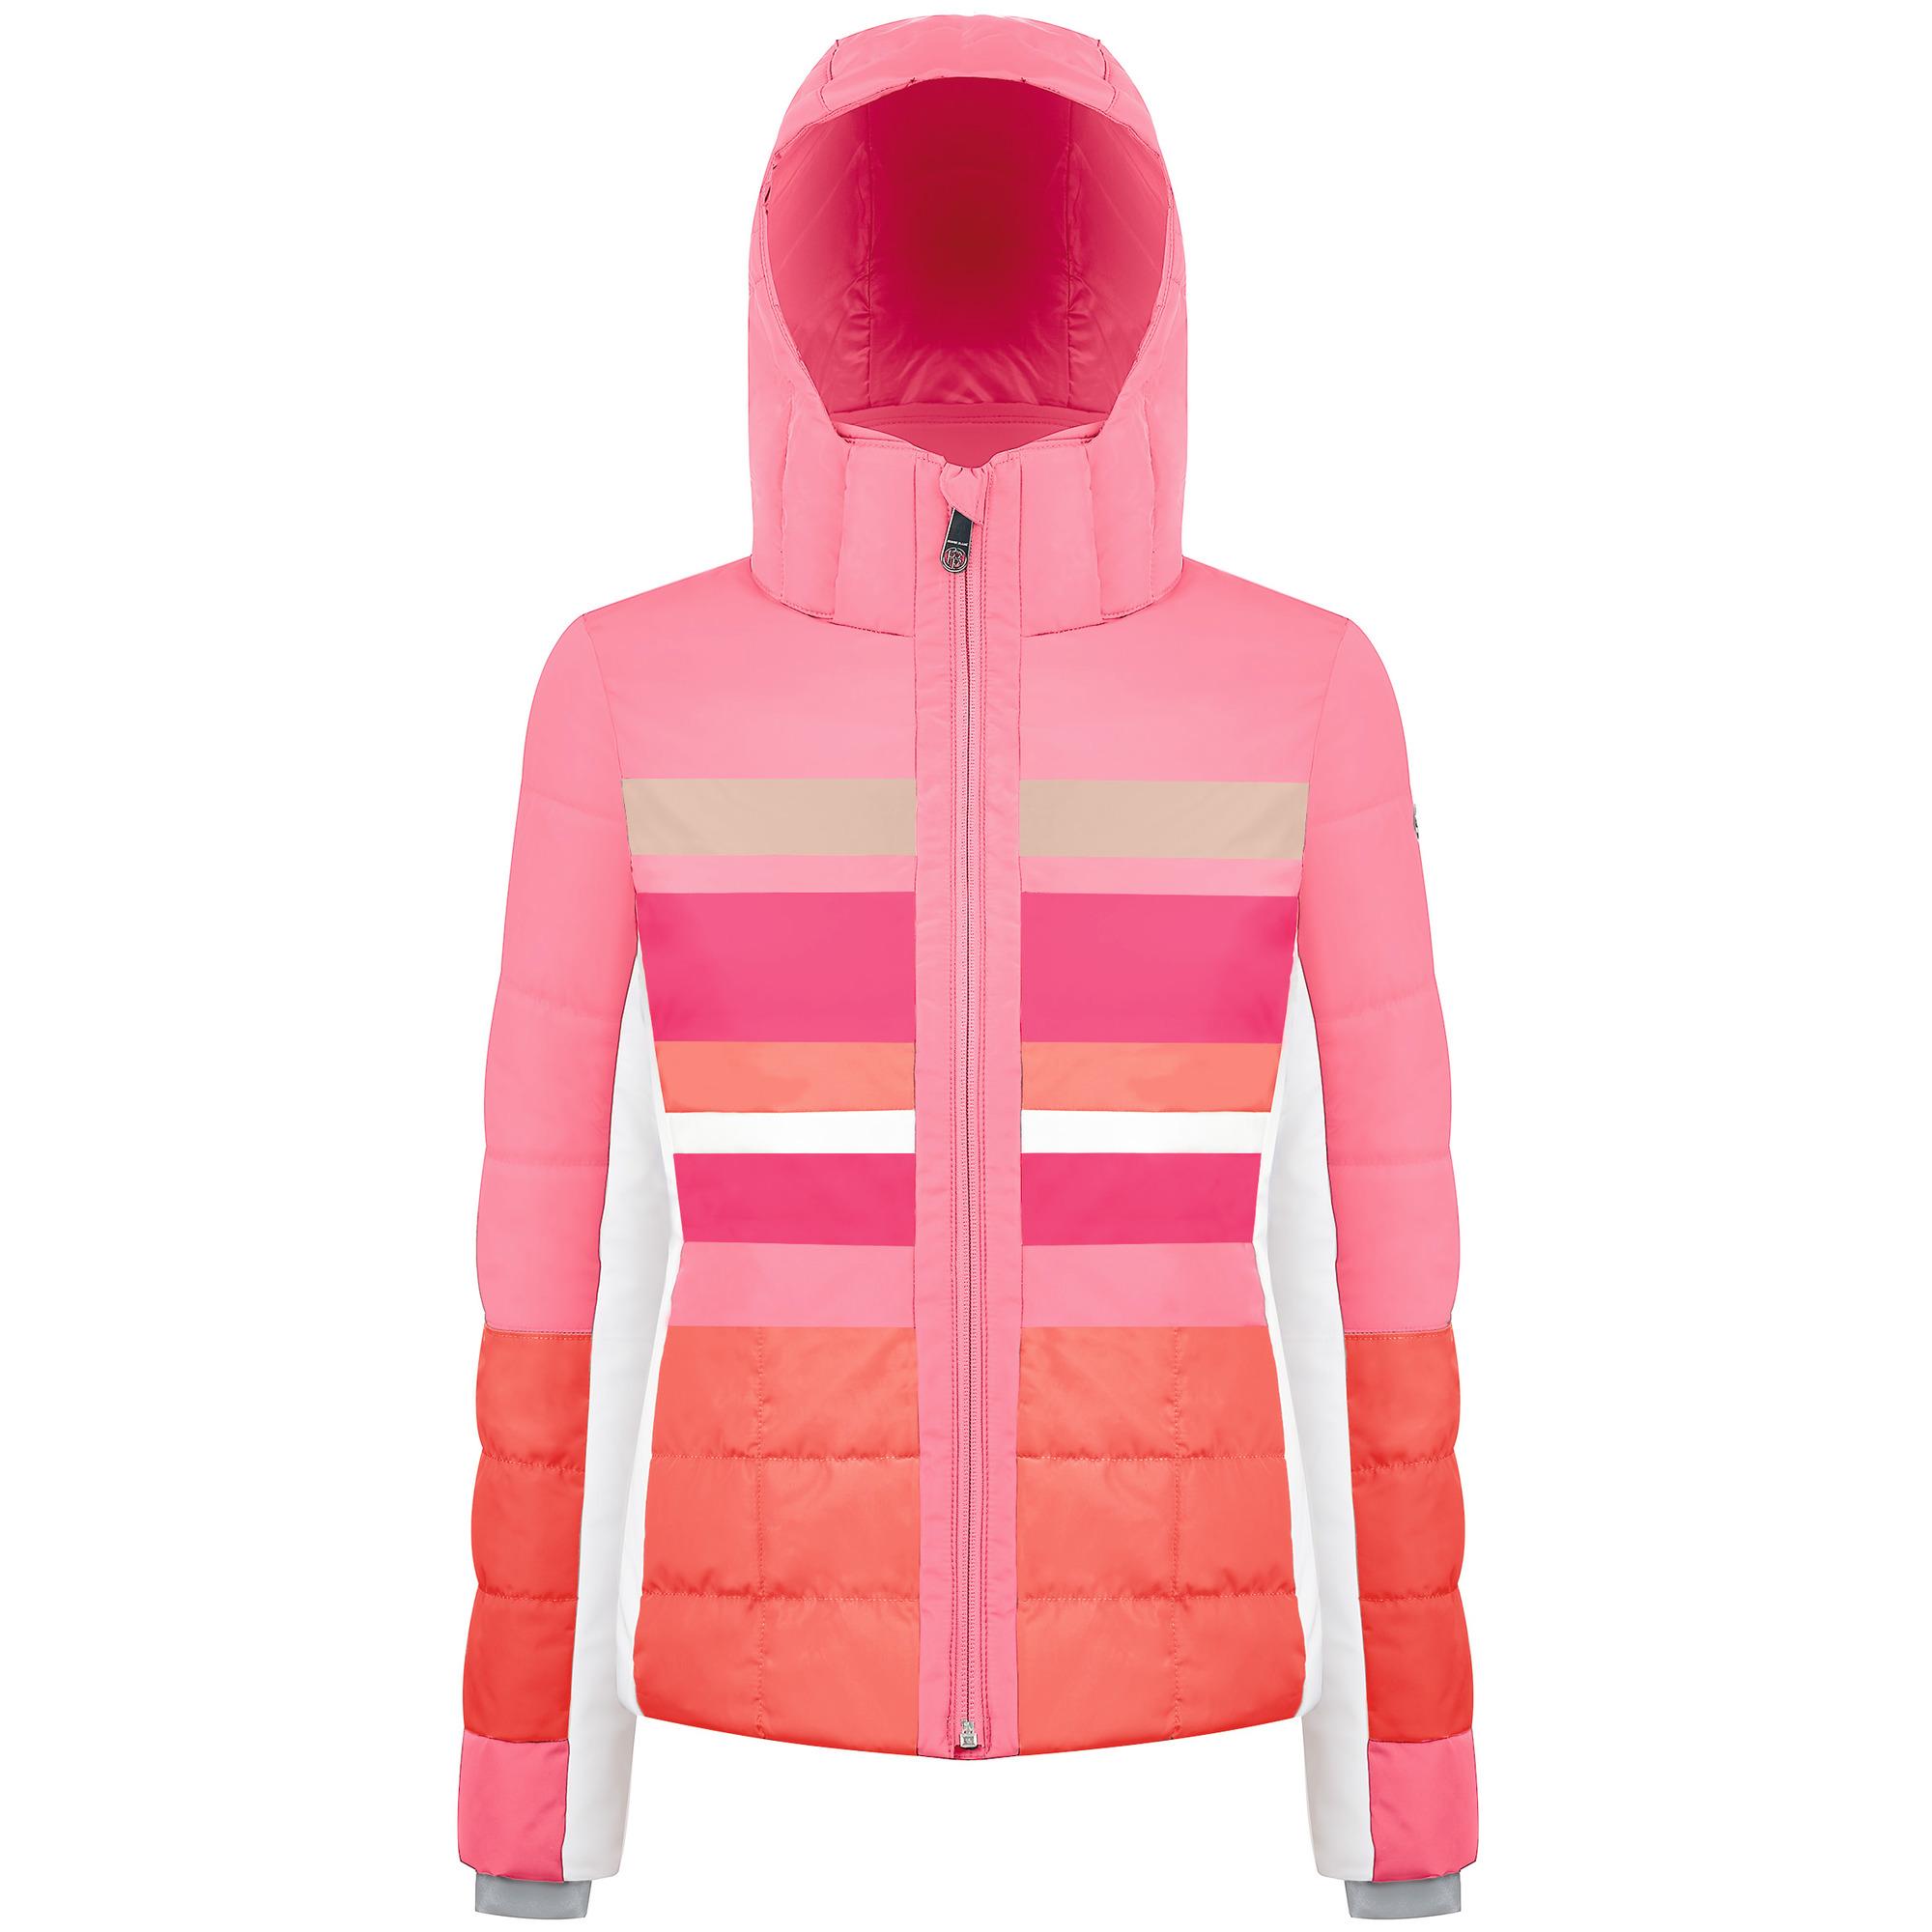 Poivre Blanc női síkabát 0802, pink Tormasport